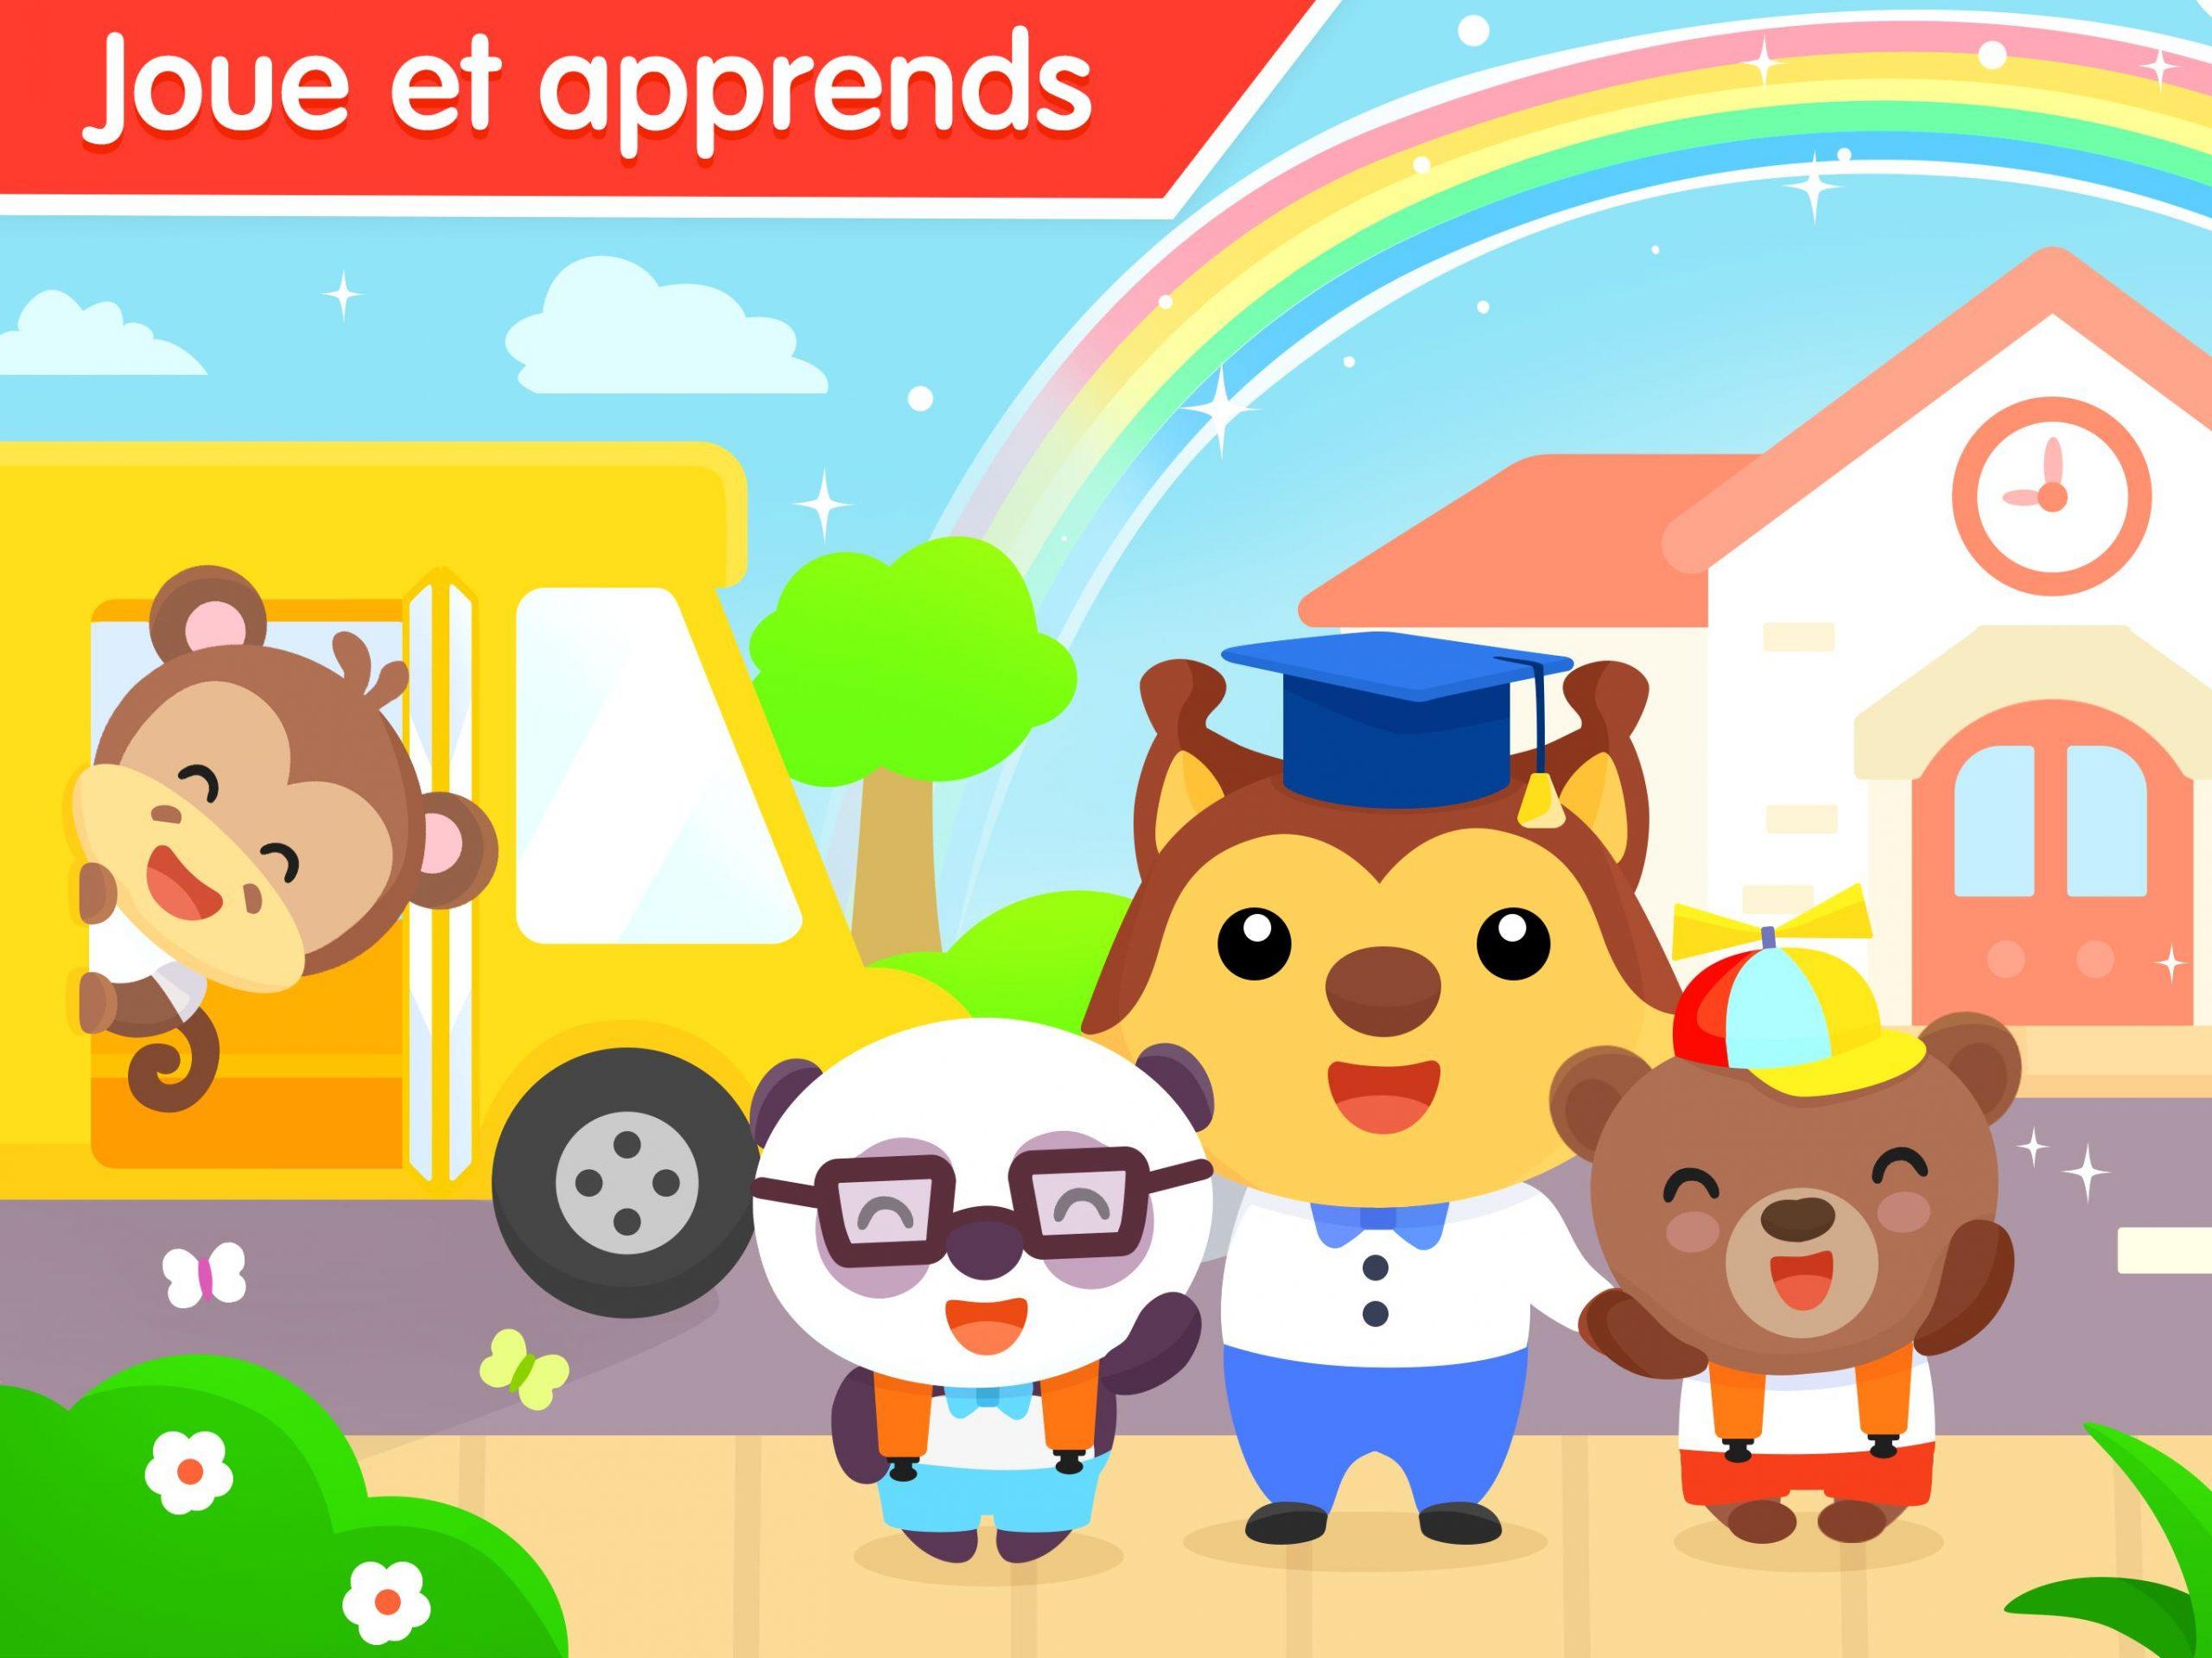 Jeux De Puzzle Pour Bebe 3 Ans - Jeu Éducatif Pour Android concernant Jeux Educatif 9 Ans